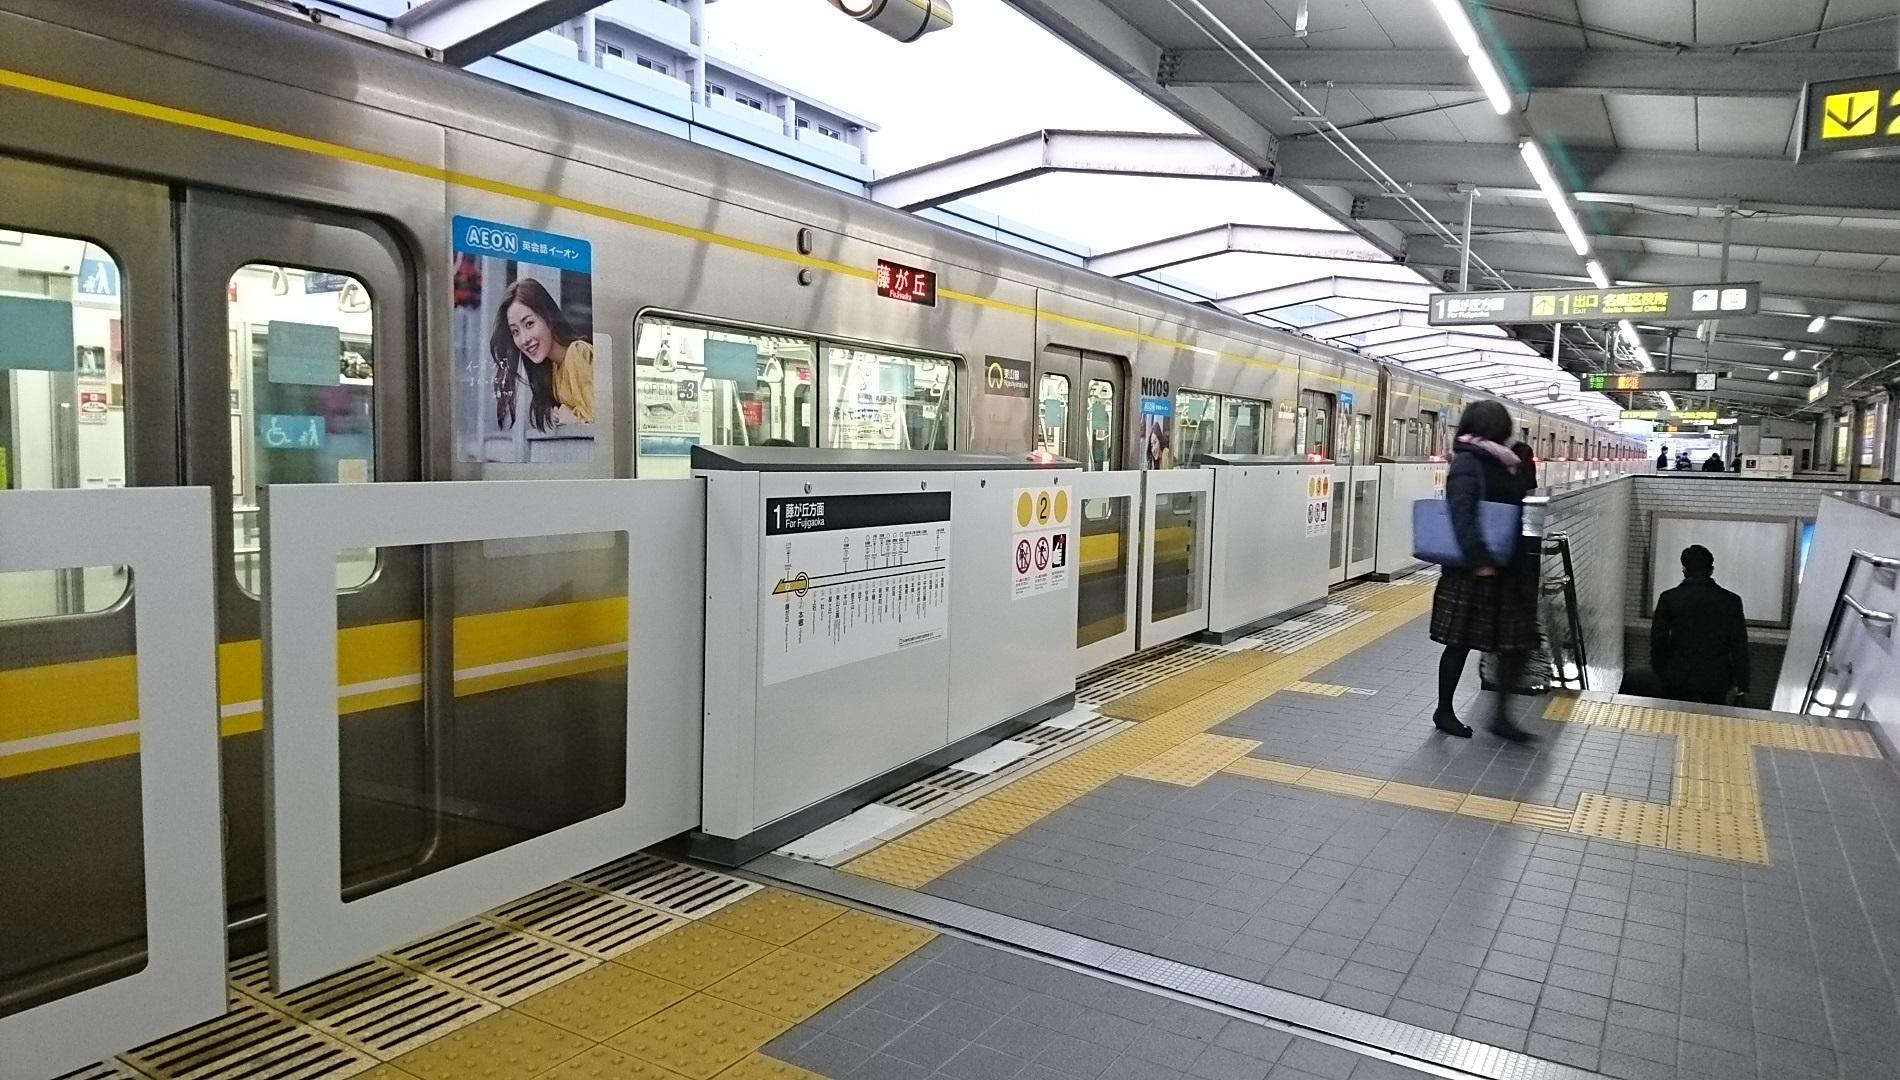 2017.12.19 名古屋 (14) 本郷 - 藤が丘いき 1900-1080